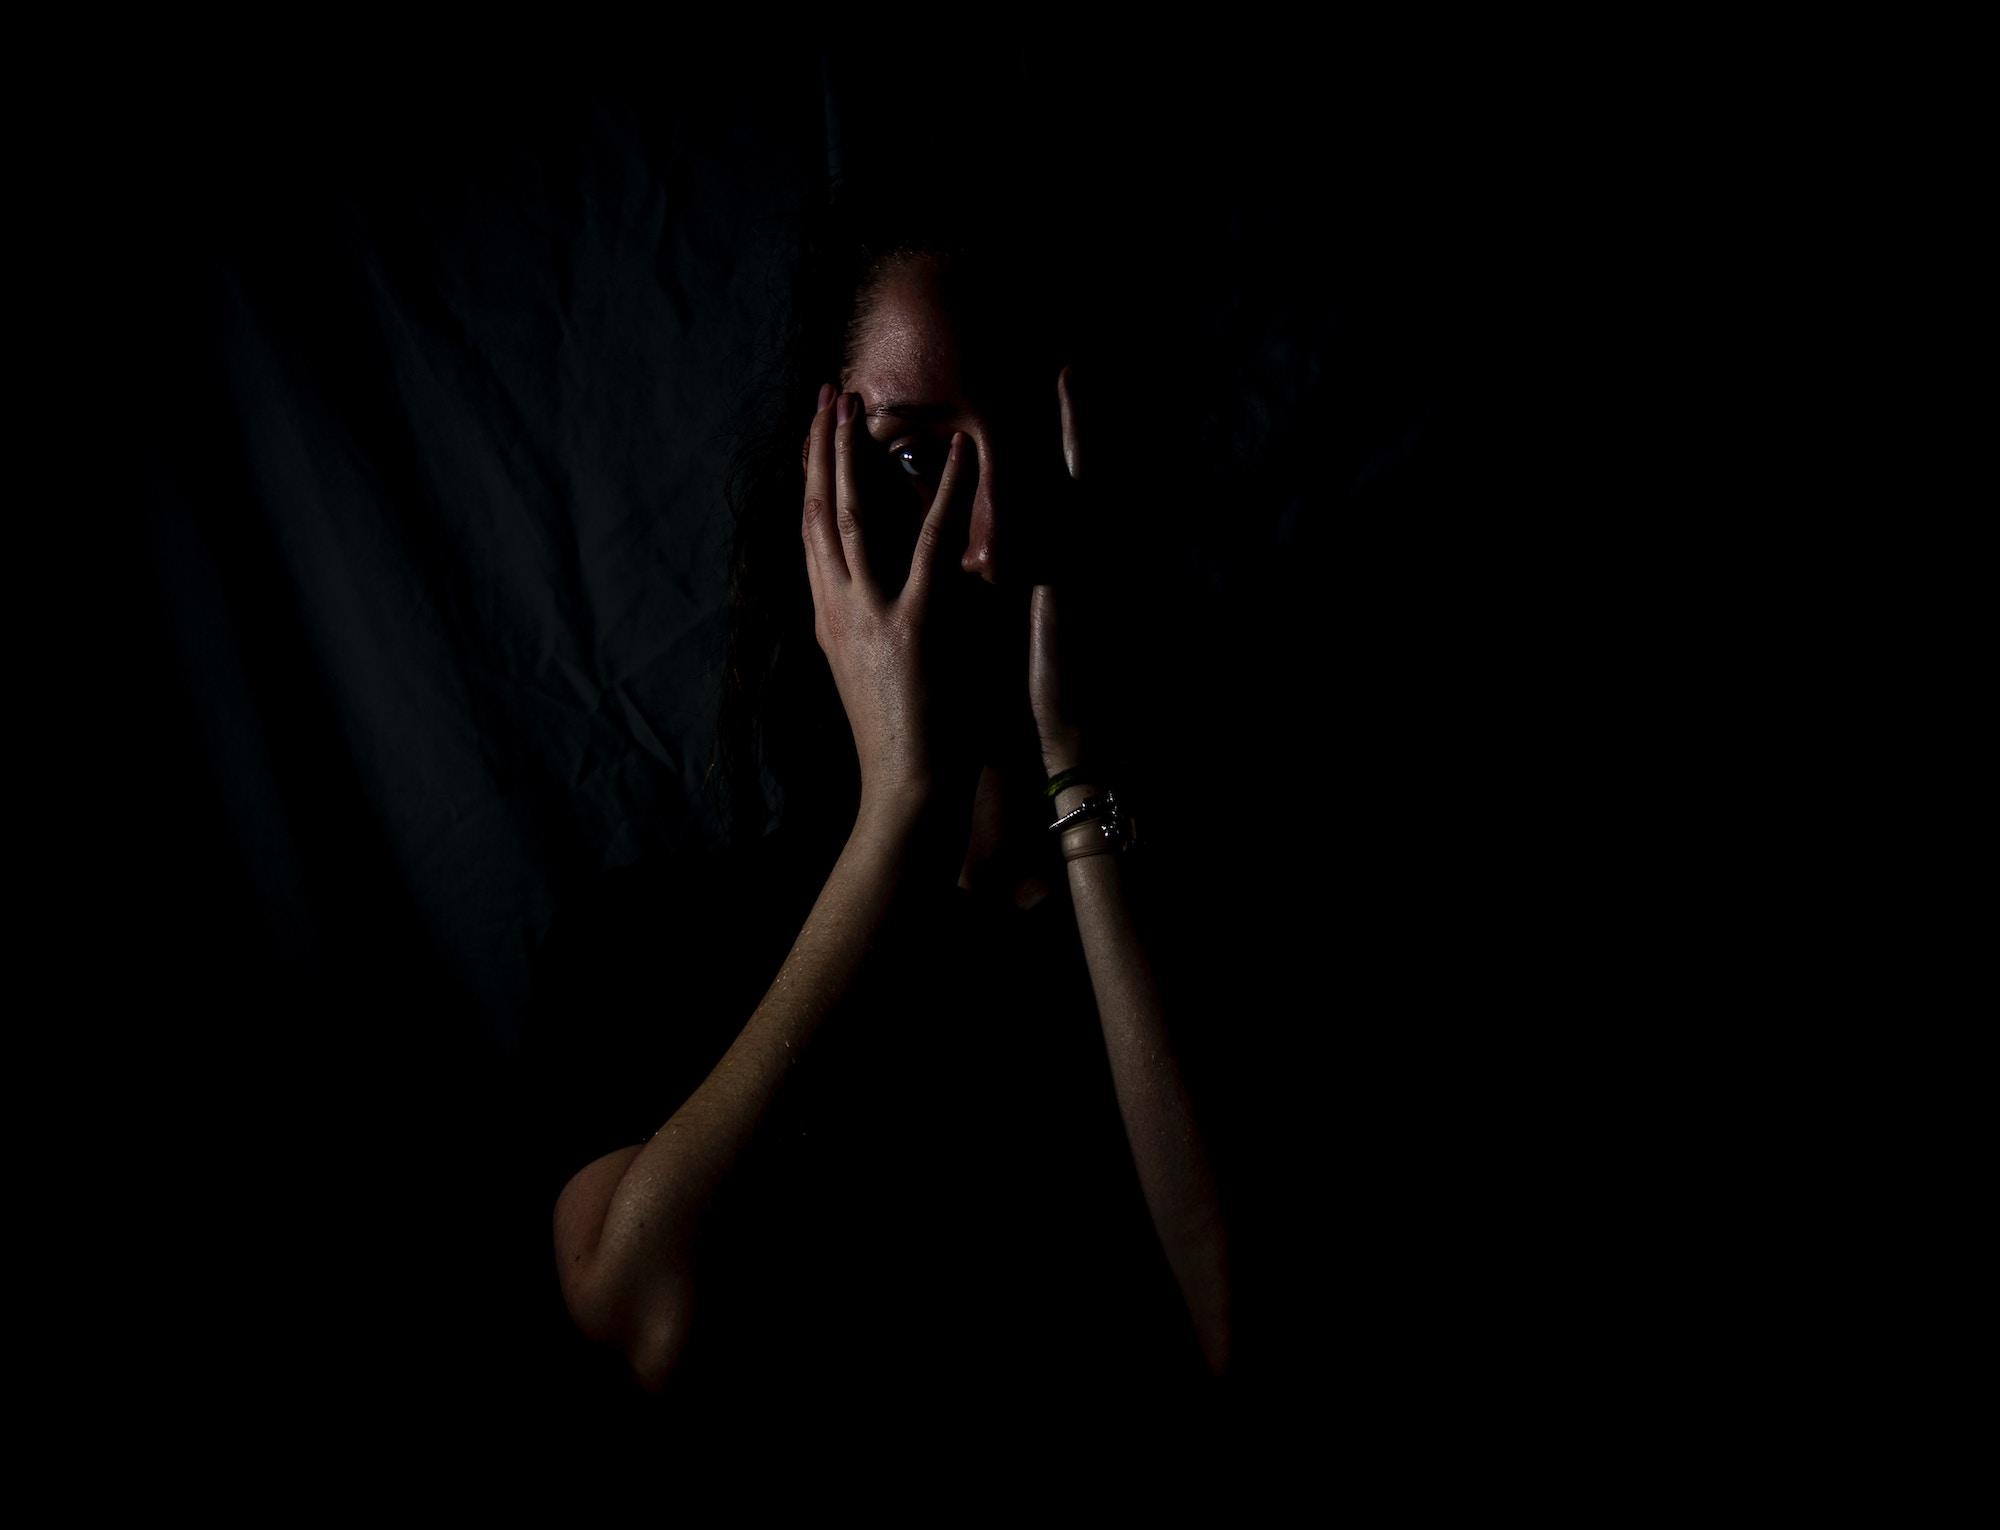 luigi fasolino la violenza sessuale